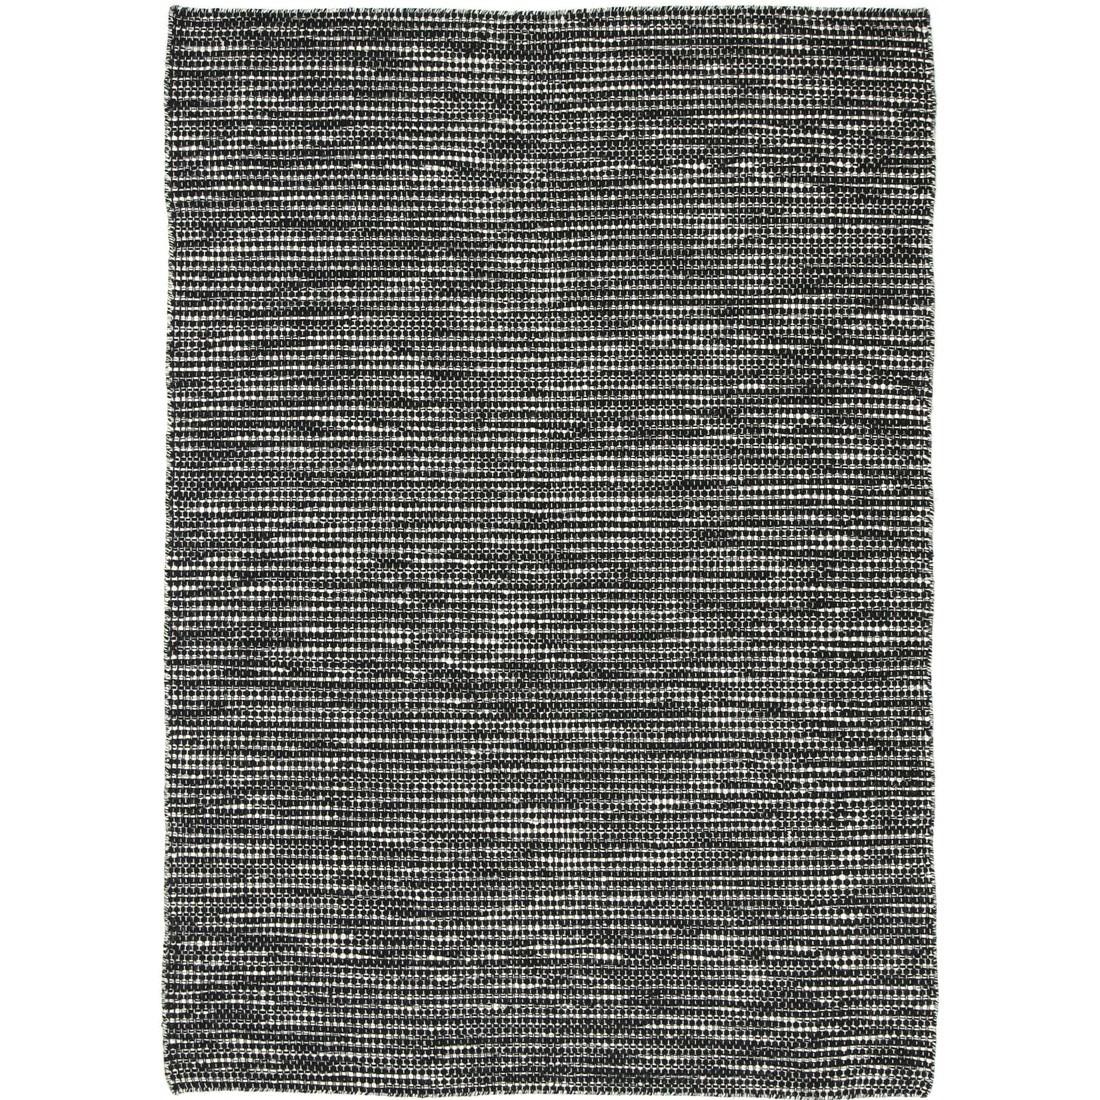 Scandi Reversible Wool Rug, 240x330cm, Black / White